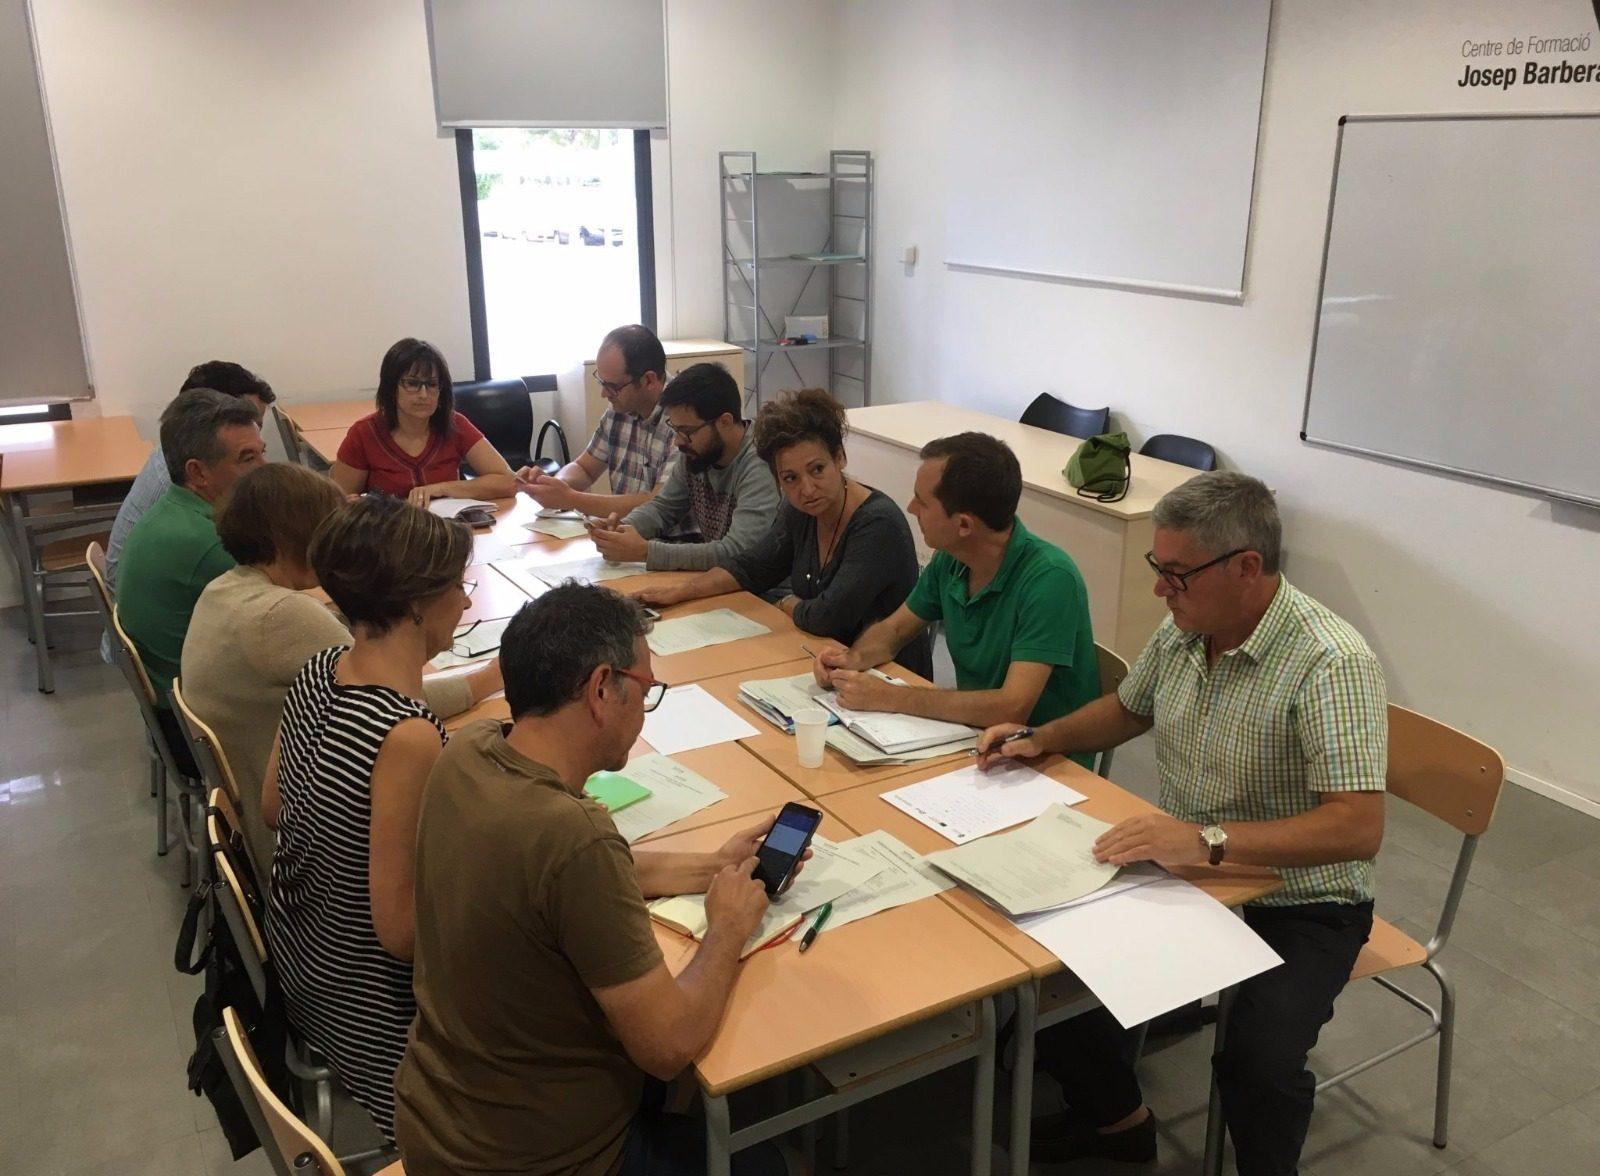 Reunió de tècnics del Pacte a Benicàssim/ Imatge d'arxiu